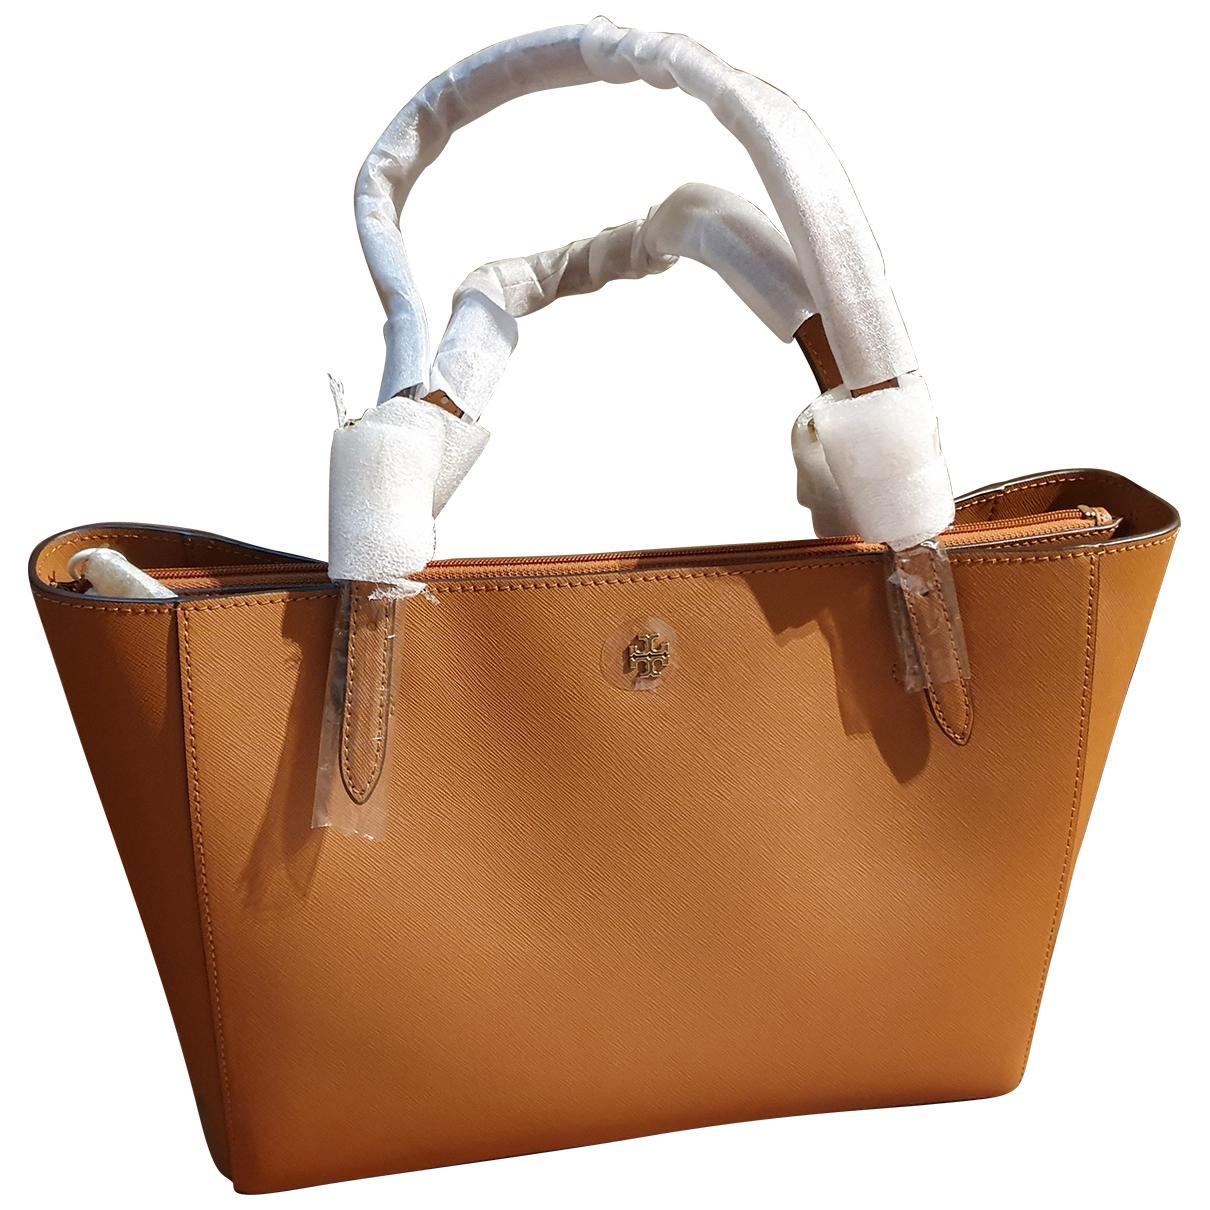 Tory Burch \N Handtasche in  Braun Leder